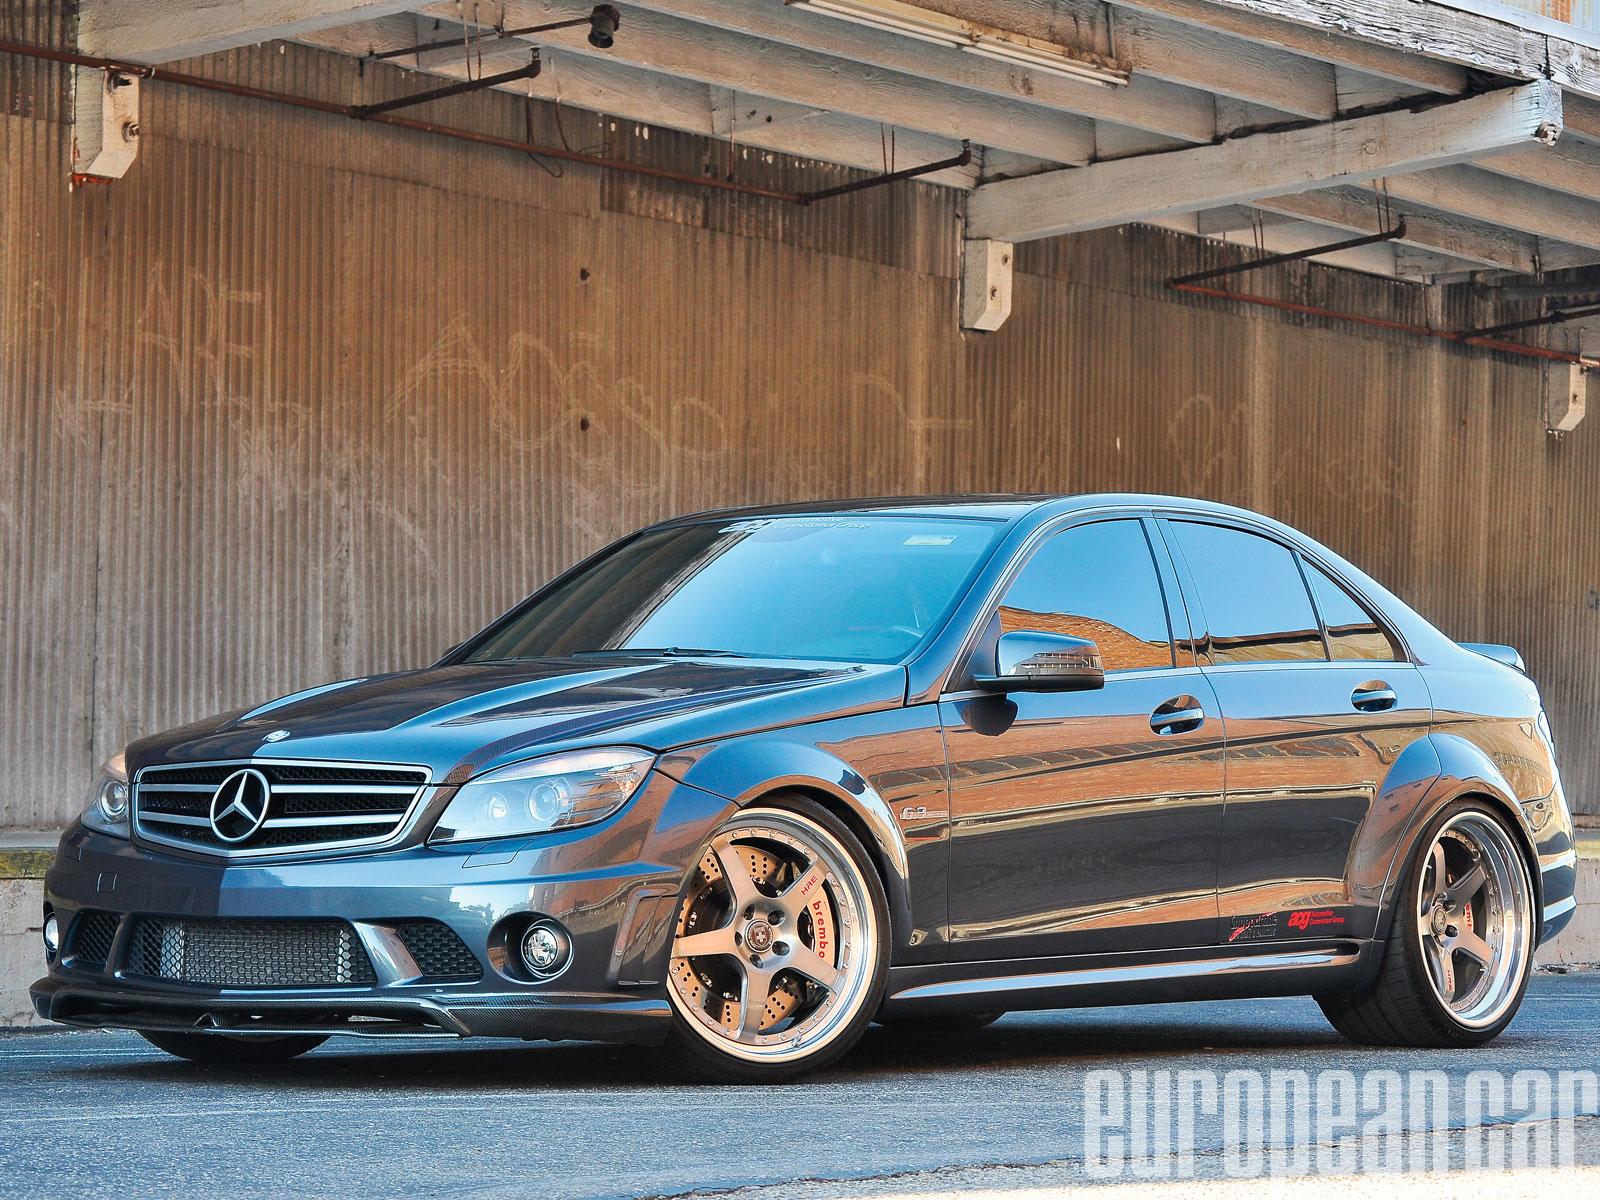 2009 Mercedes-Benz C63 AMG - European Car Magazine